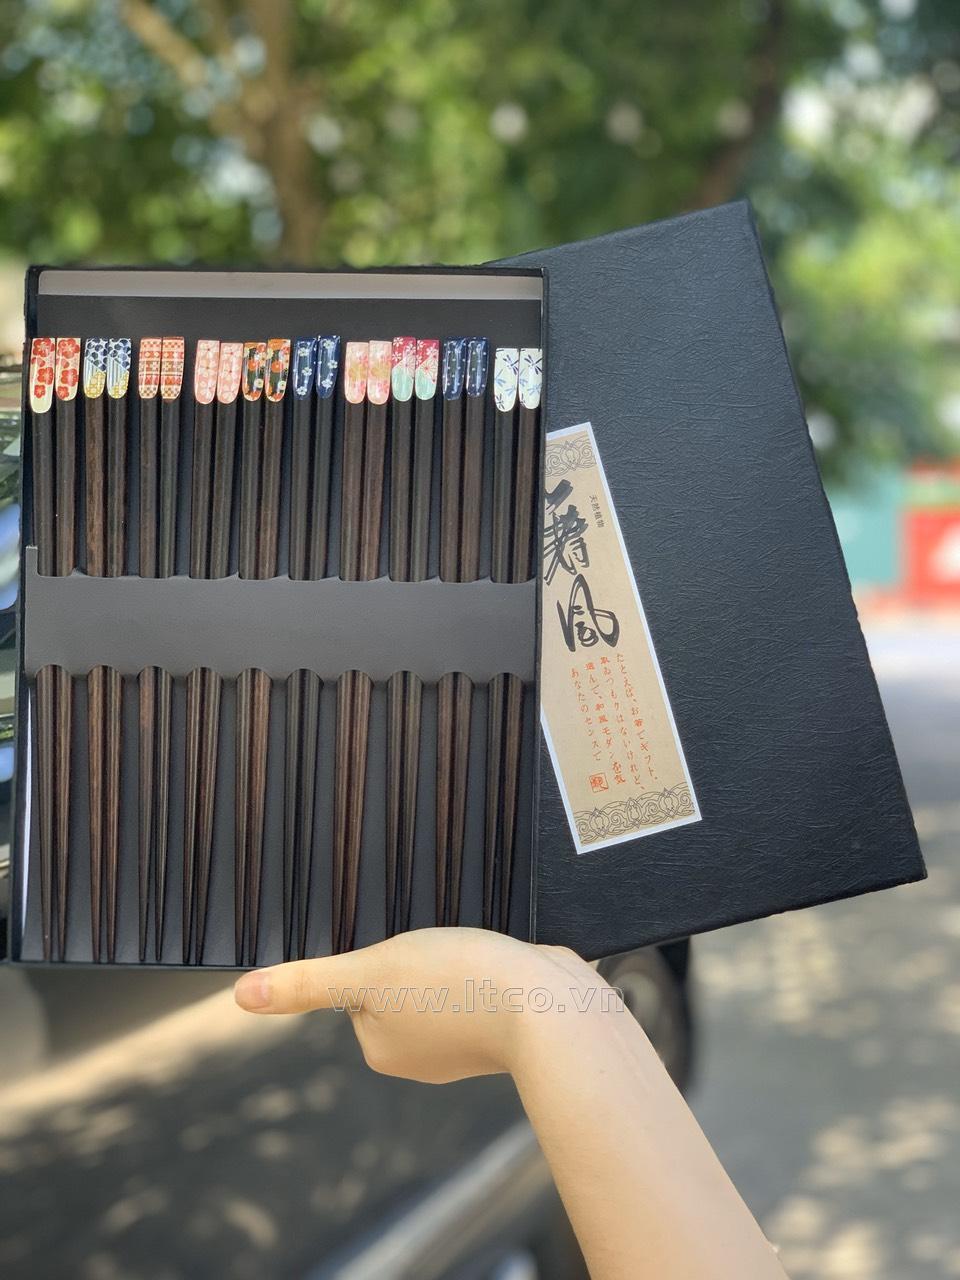 Set 10 đôi đũa mun gỗ Nhật Bản - Hộp đen